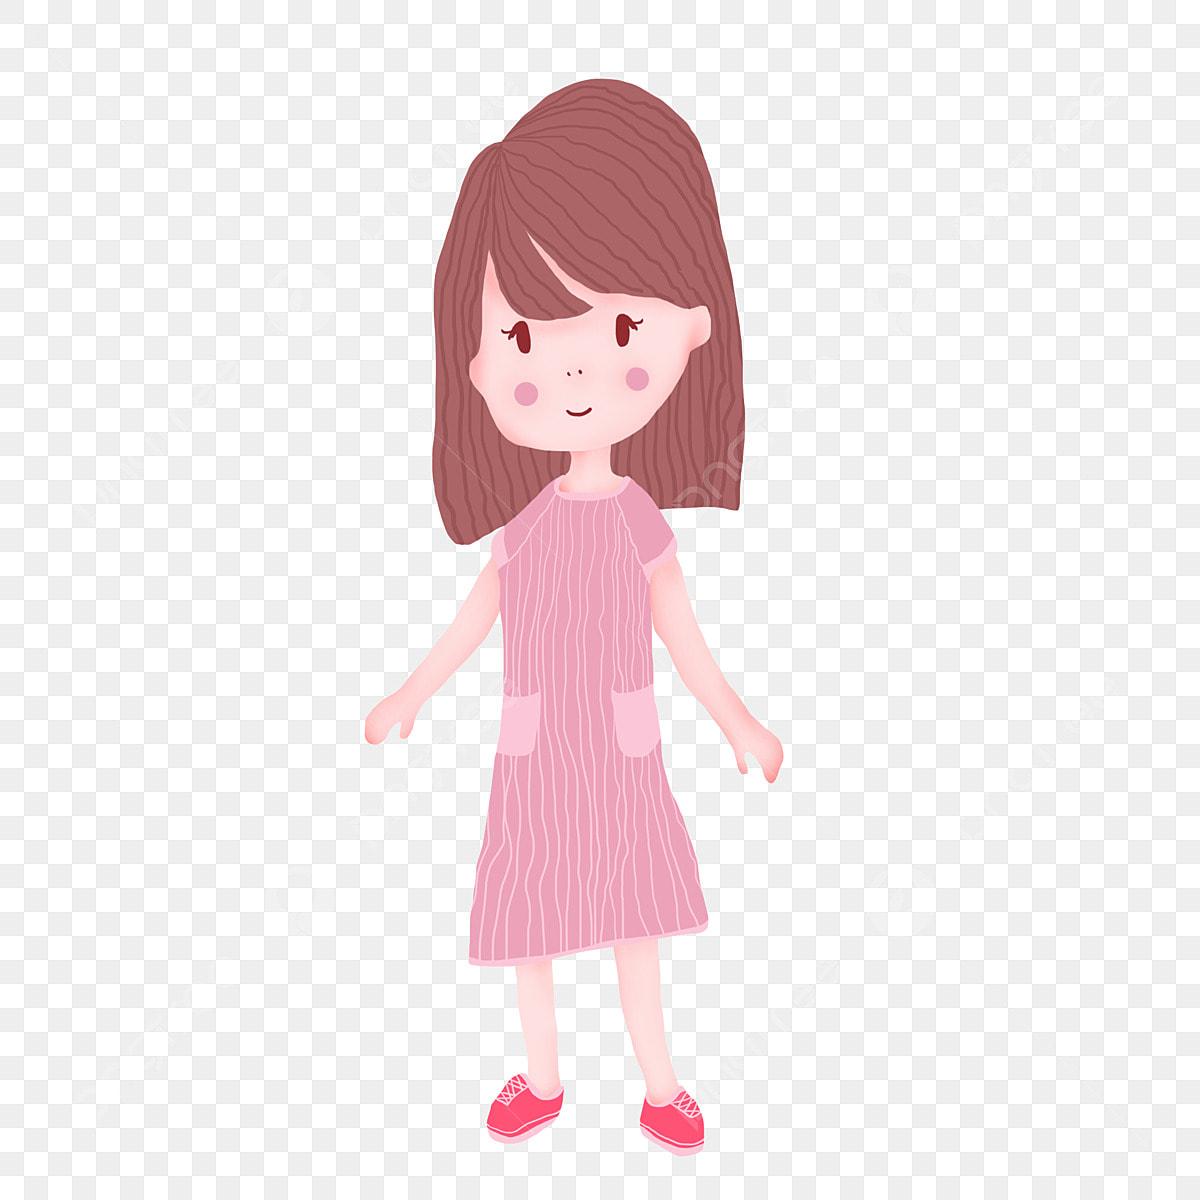 Élément Fille Robe Rose Design Cheveux Courts Les Vêtements qUVzSpM